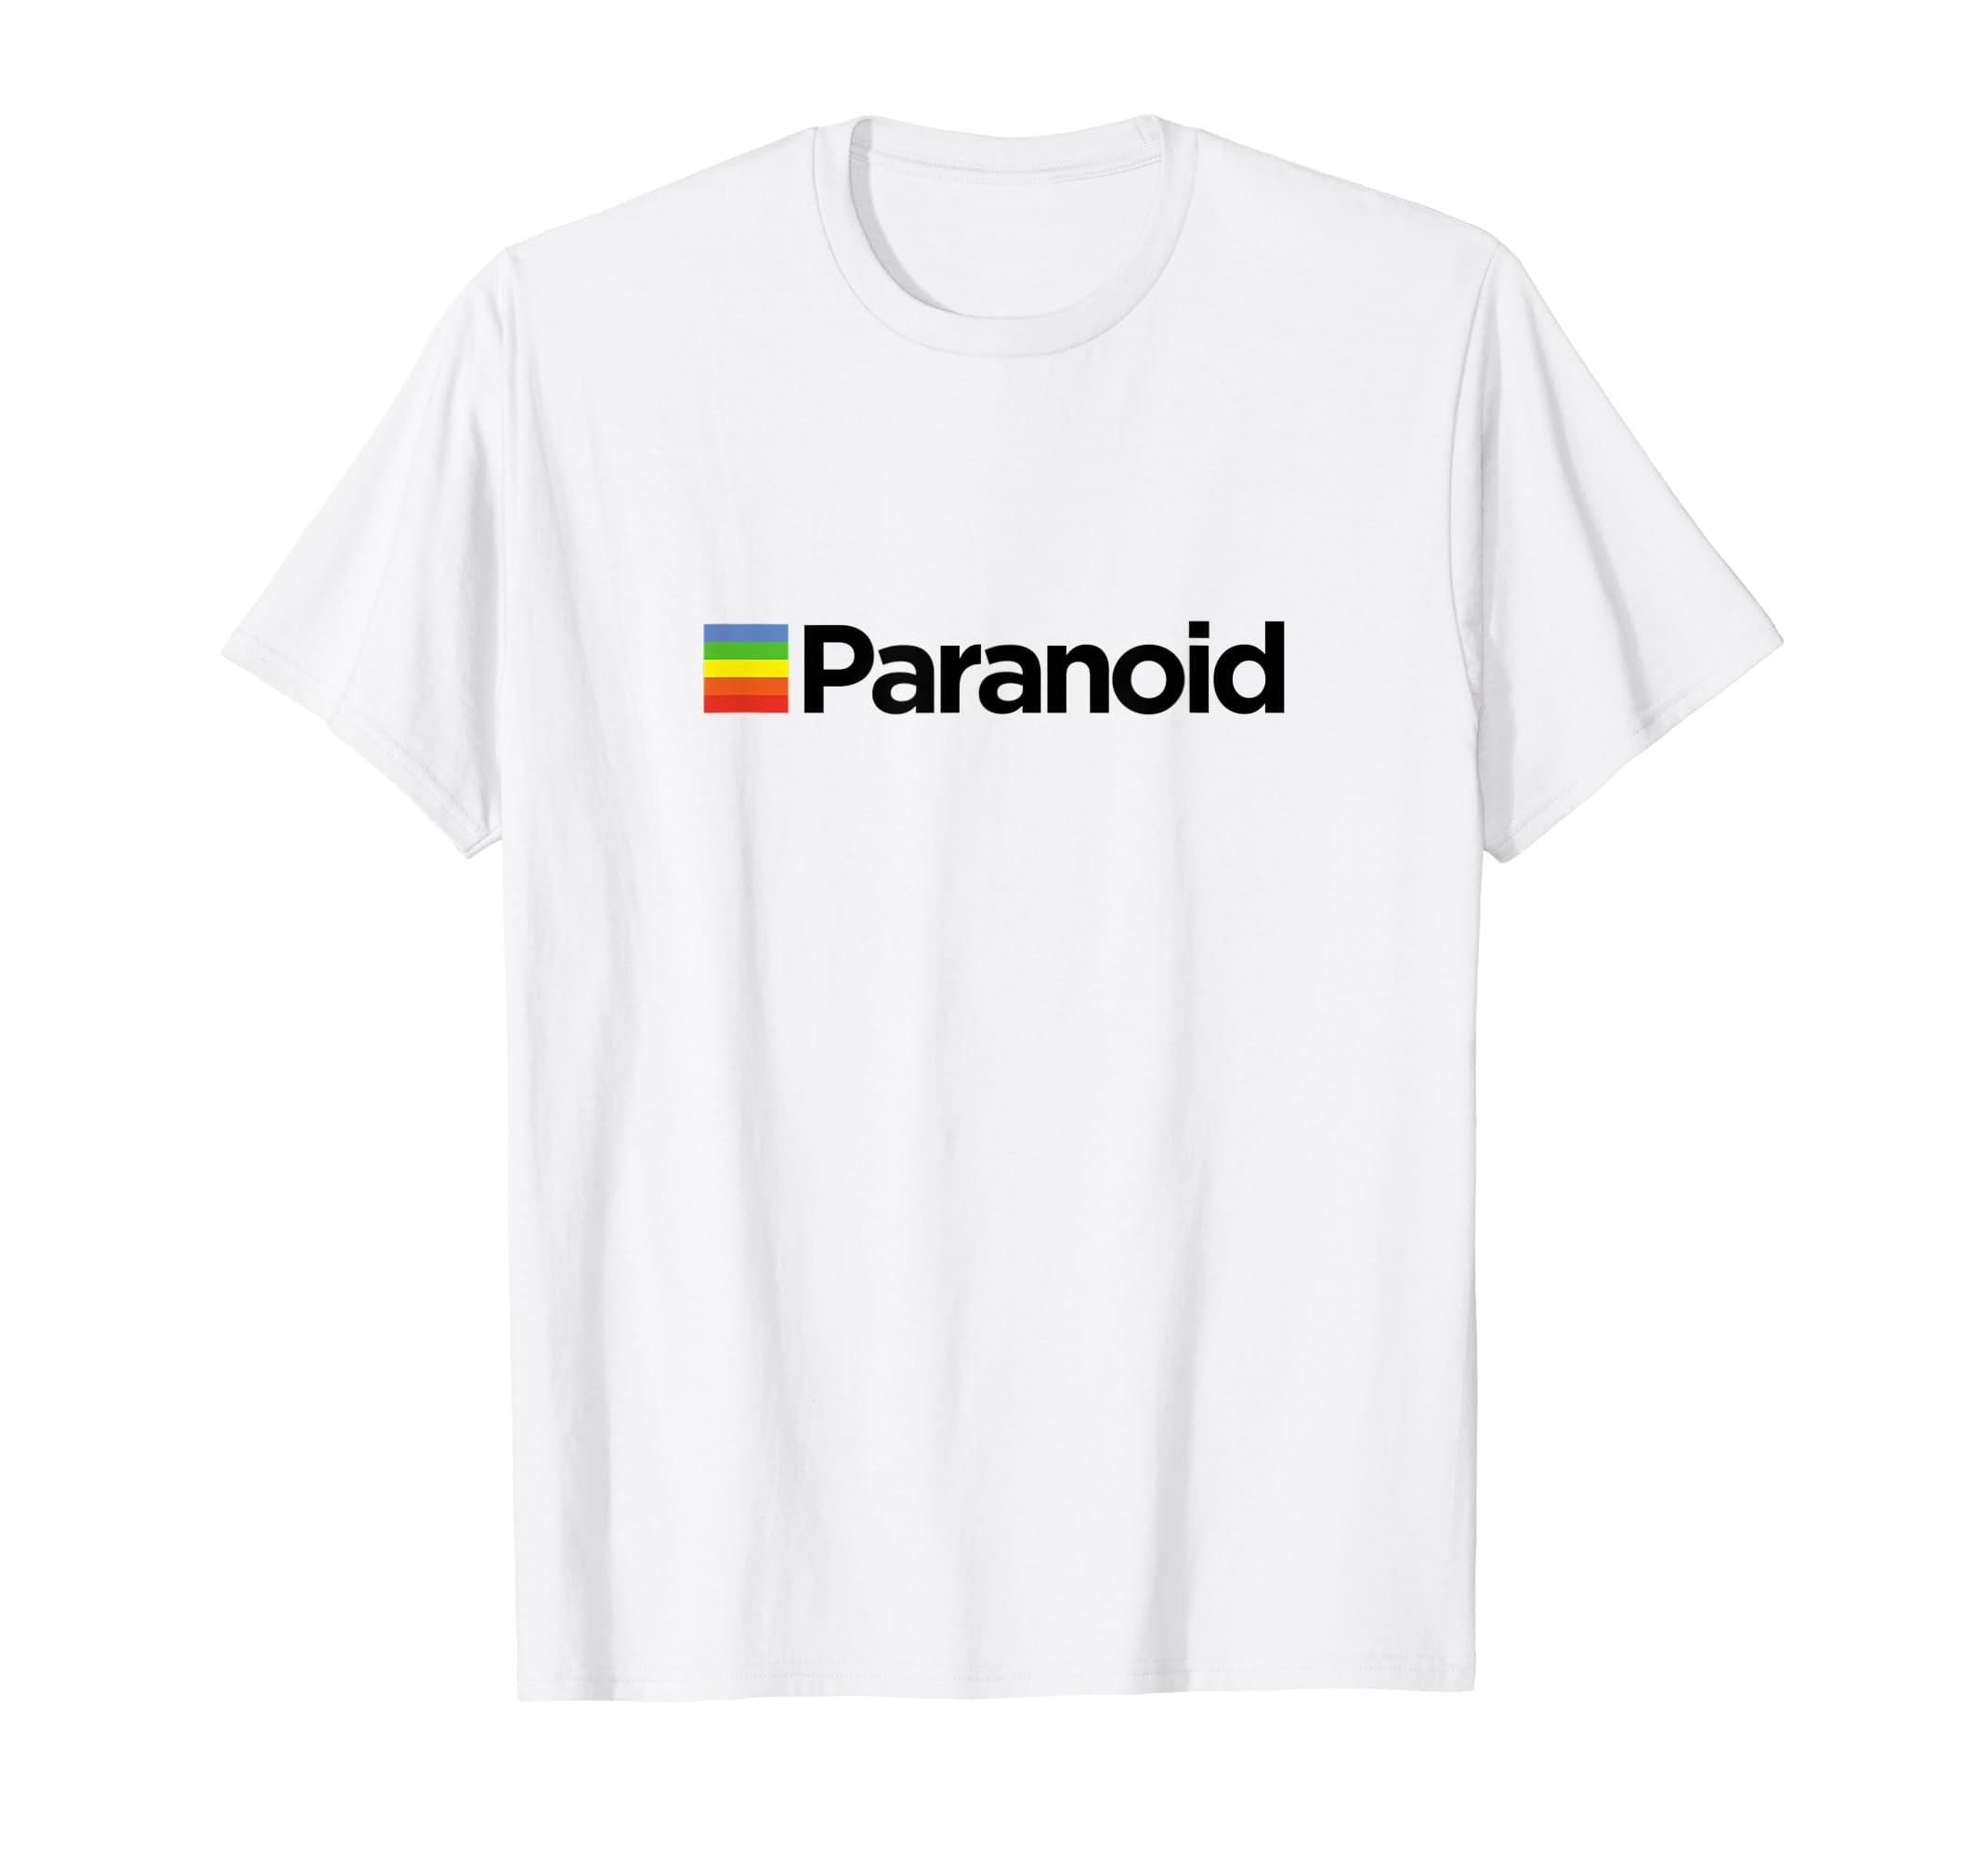 0517b8935 Amazon.com: Paranoid - Aesthetic Vintage Vaporwave Fashion T Shirt: Clothing